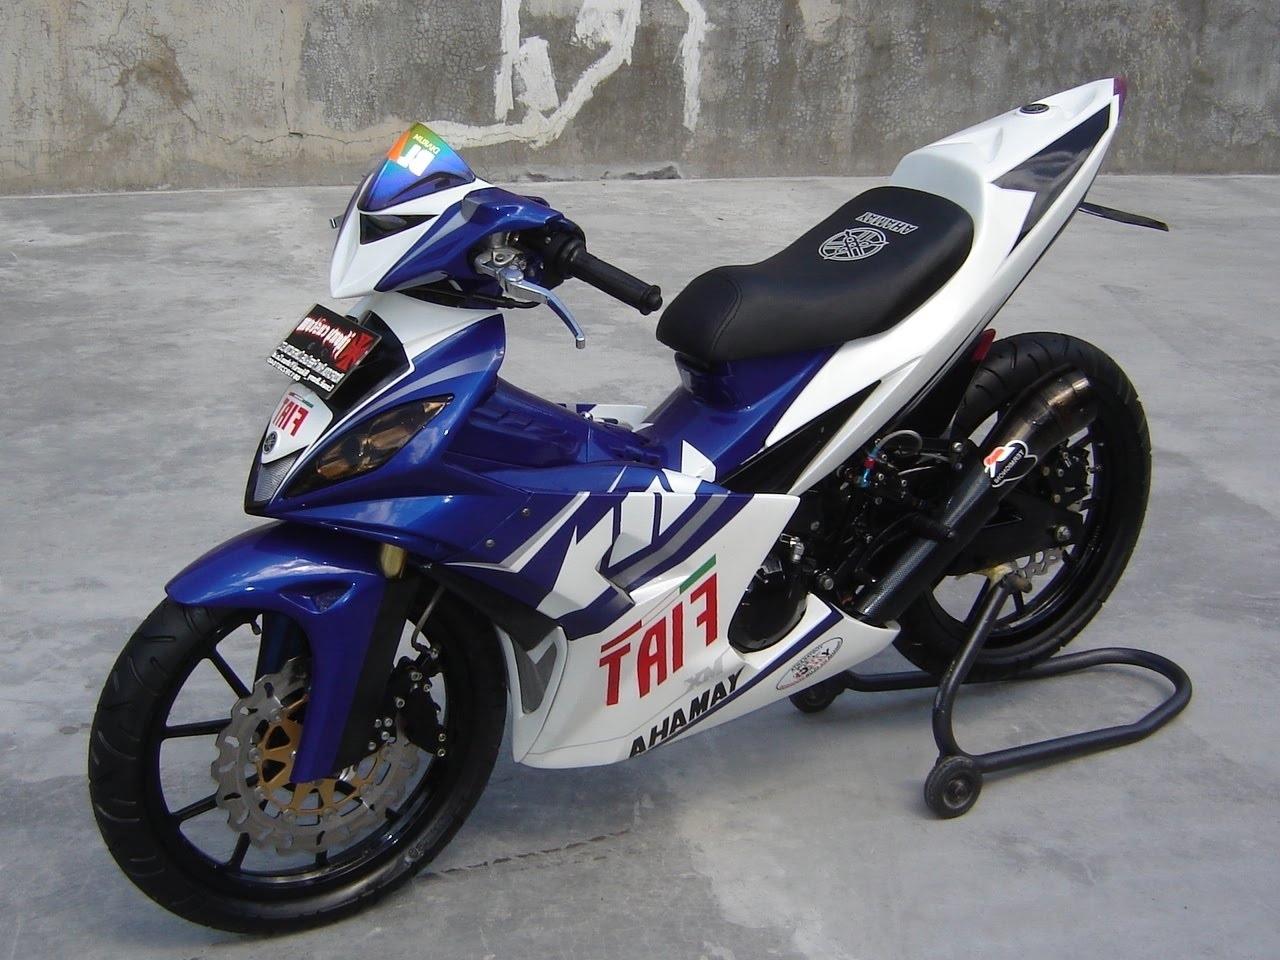 Modifikasi Honda Revo 110 Fit Absolute Drag Sederhana Tapi Keren